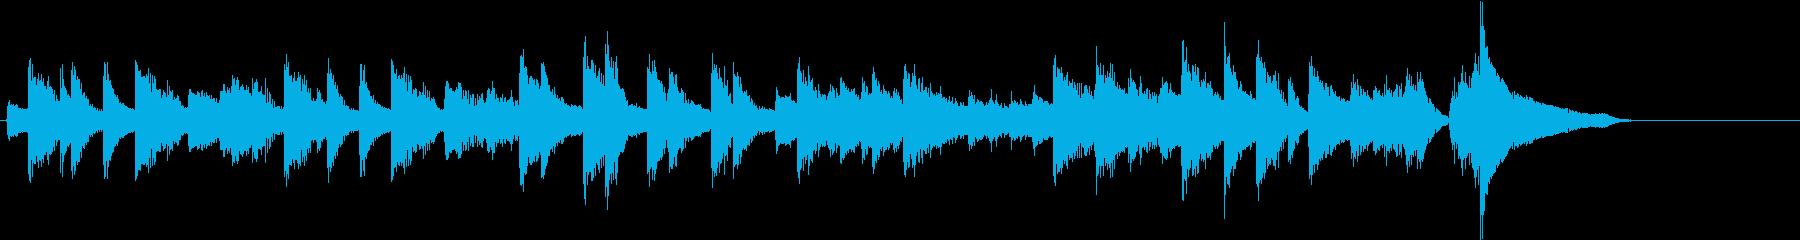 節分に!豆まきモチーフピアノジングルBの再生済みの波形